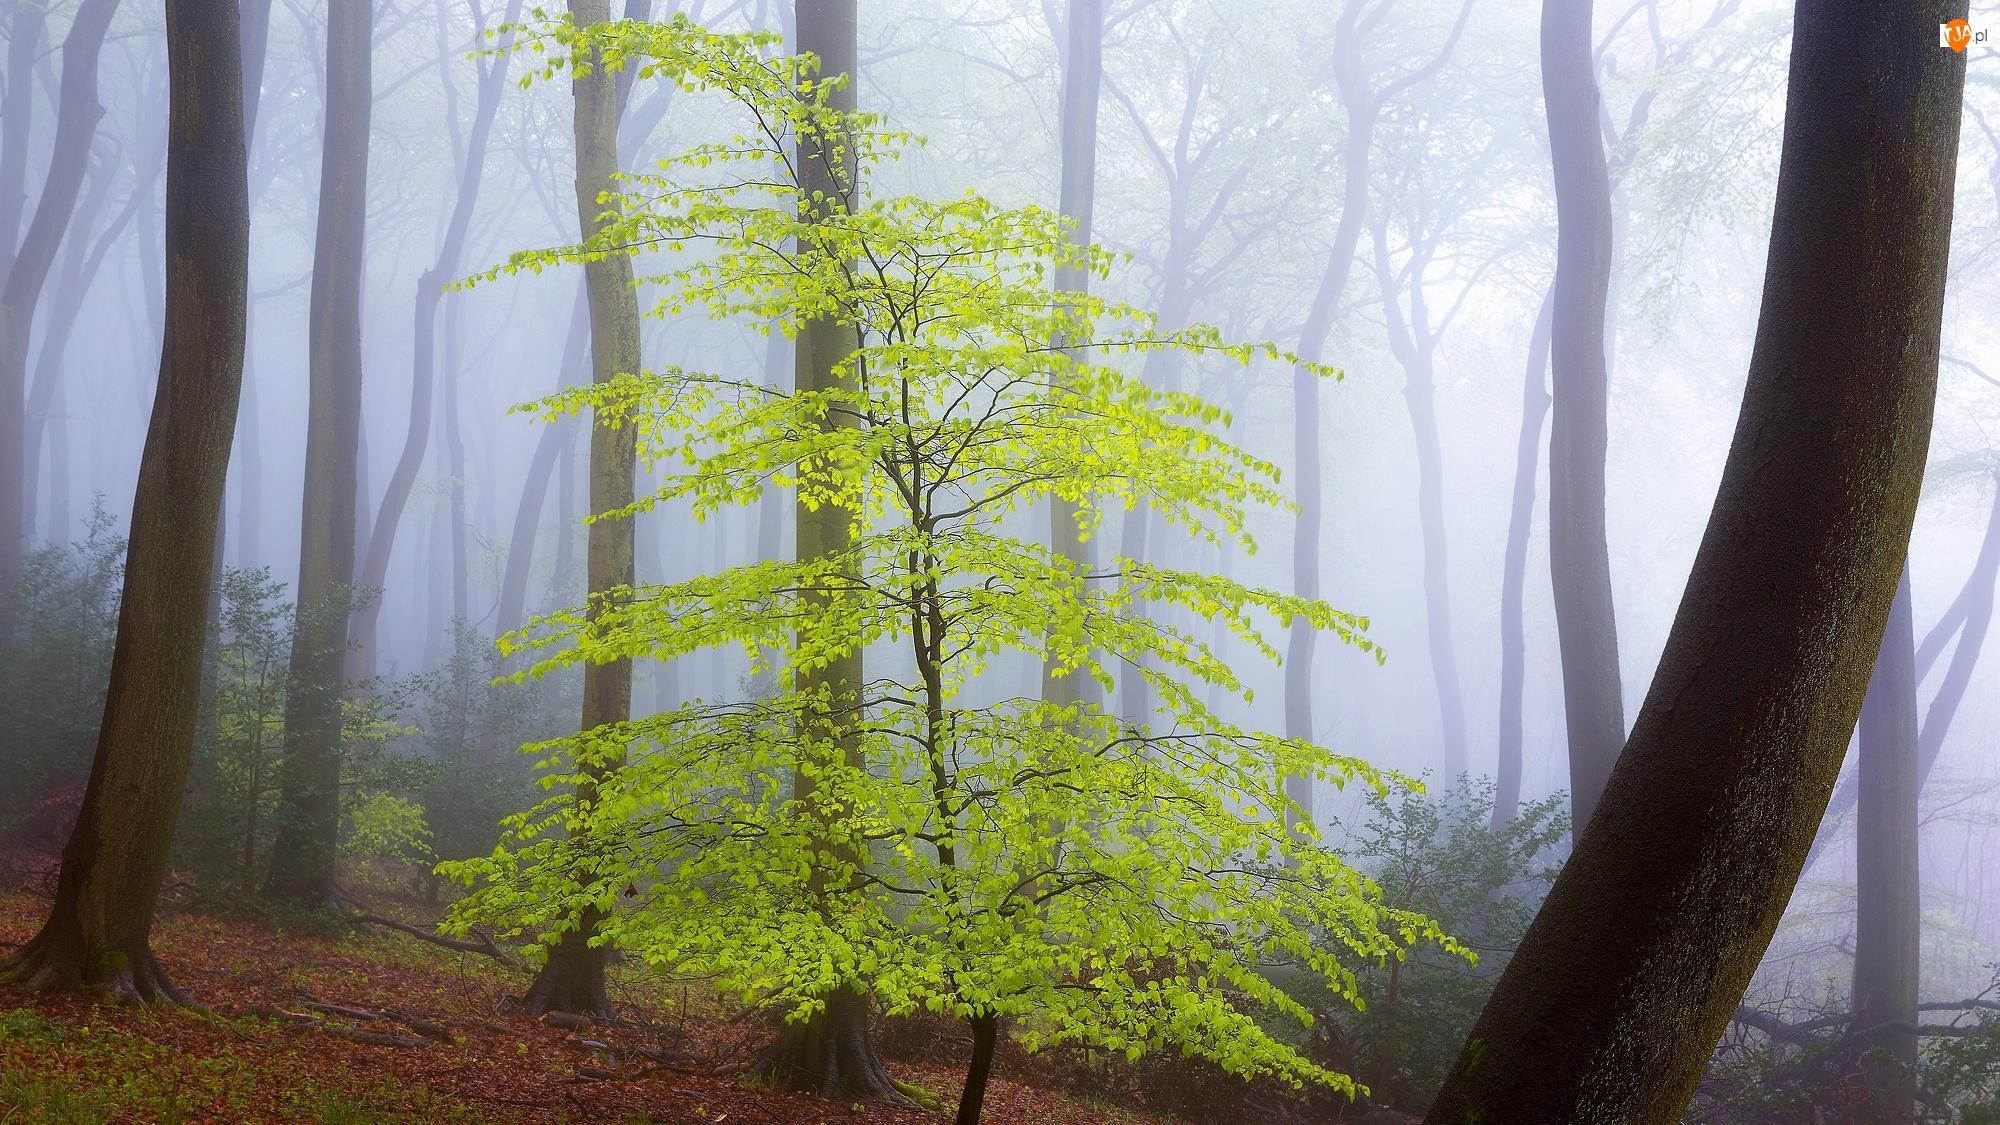 Pnie, Las, Mgła, Drzewa